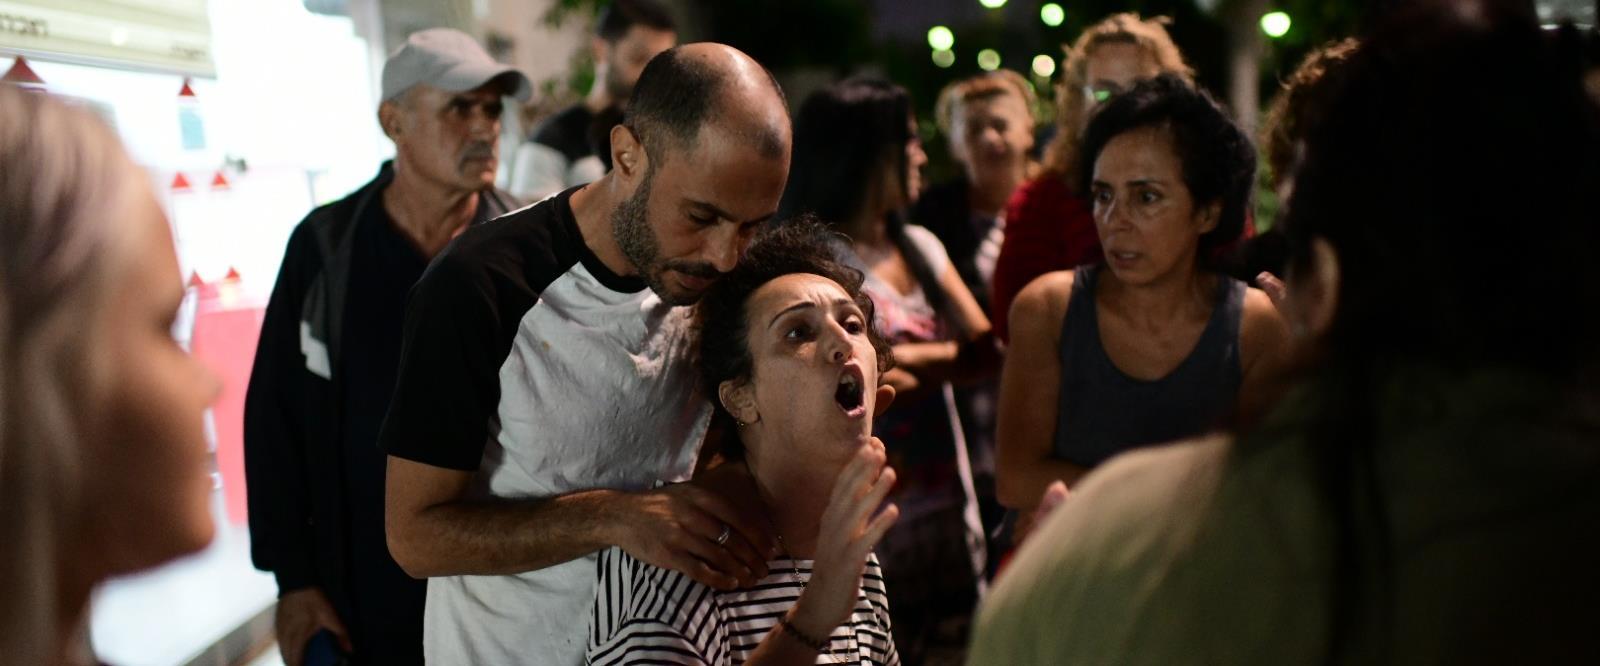 הפגנה בדרום תל אביב נגד העובדים הזרים